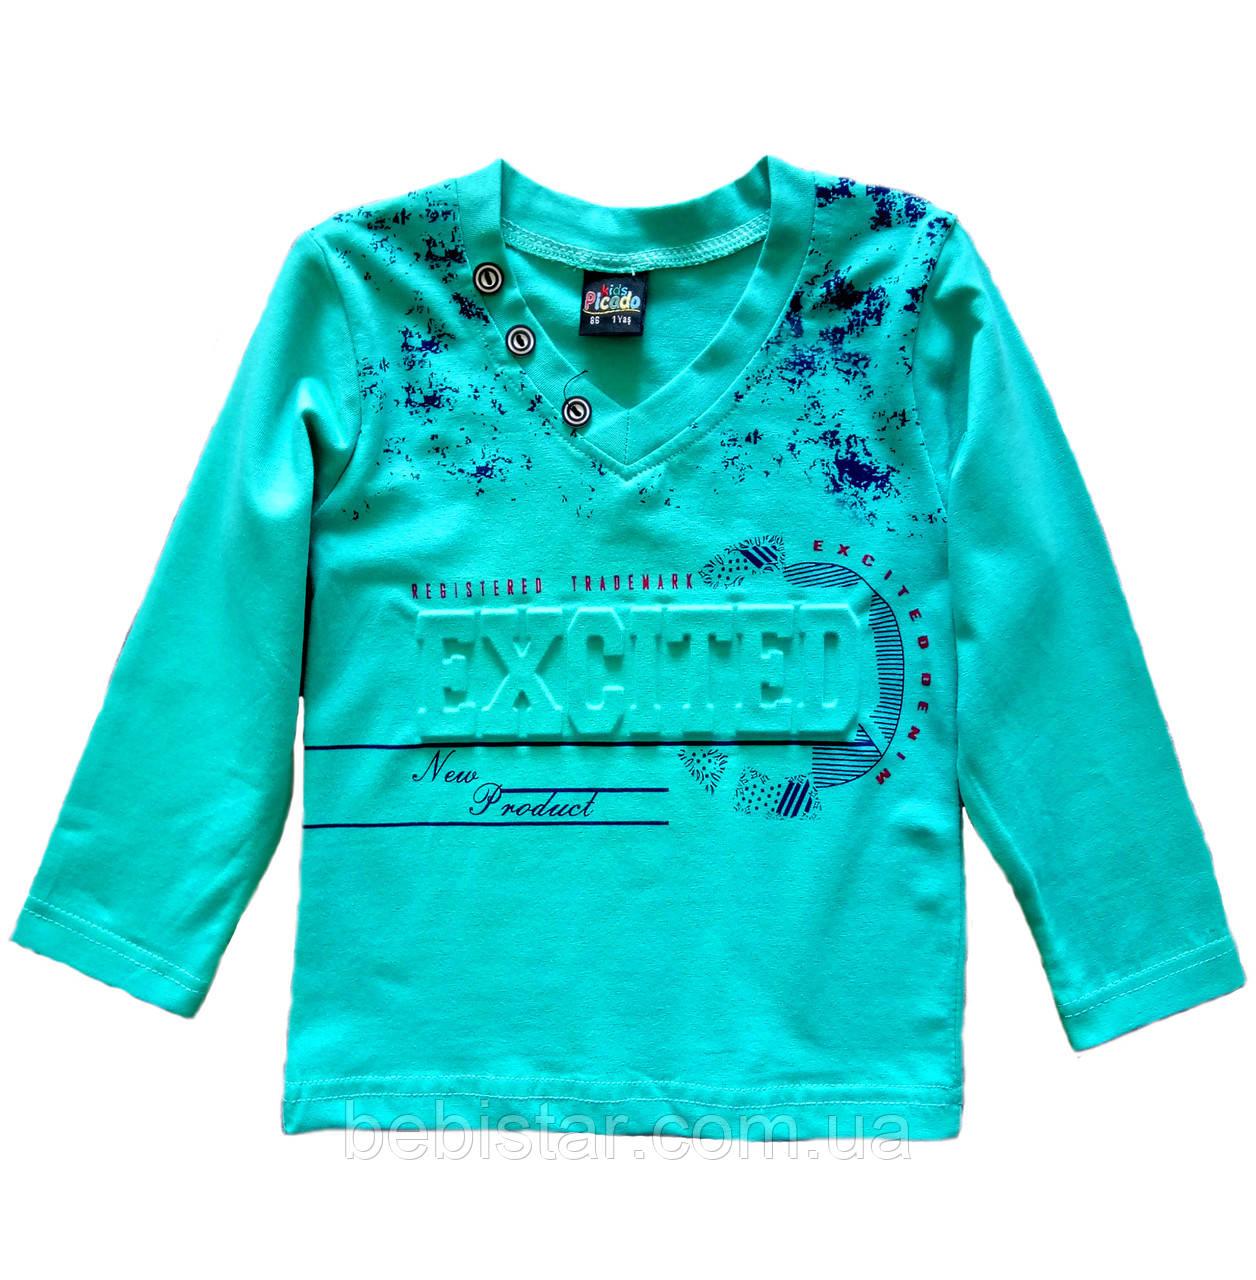 Модная футболка 3D с длинным рукавом для мальчика 1-4 года